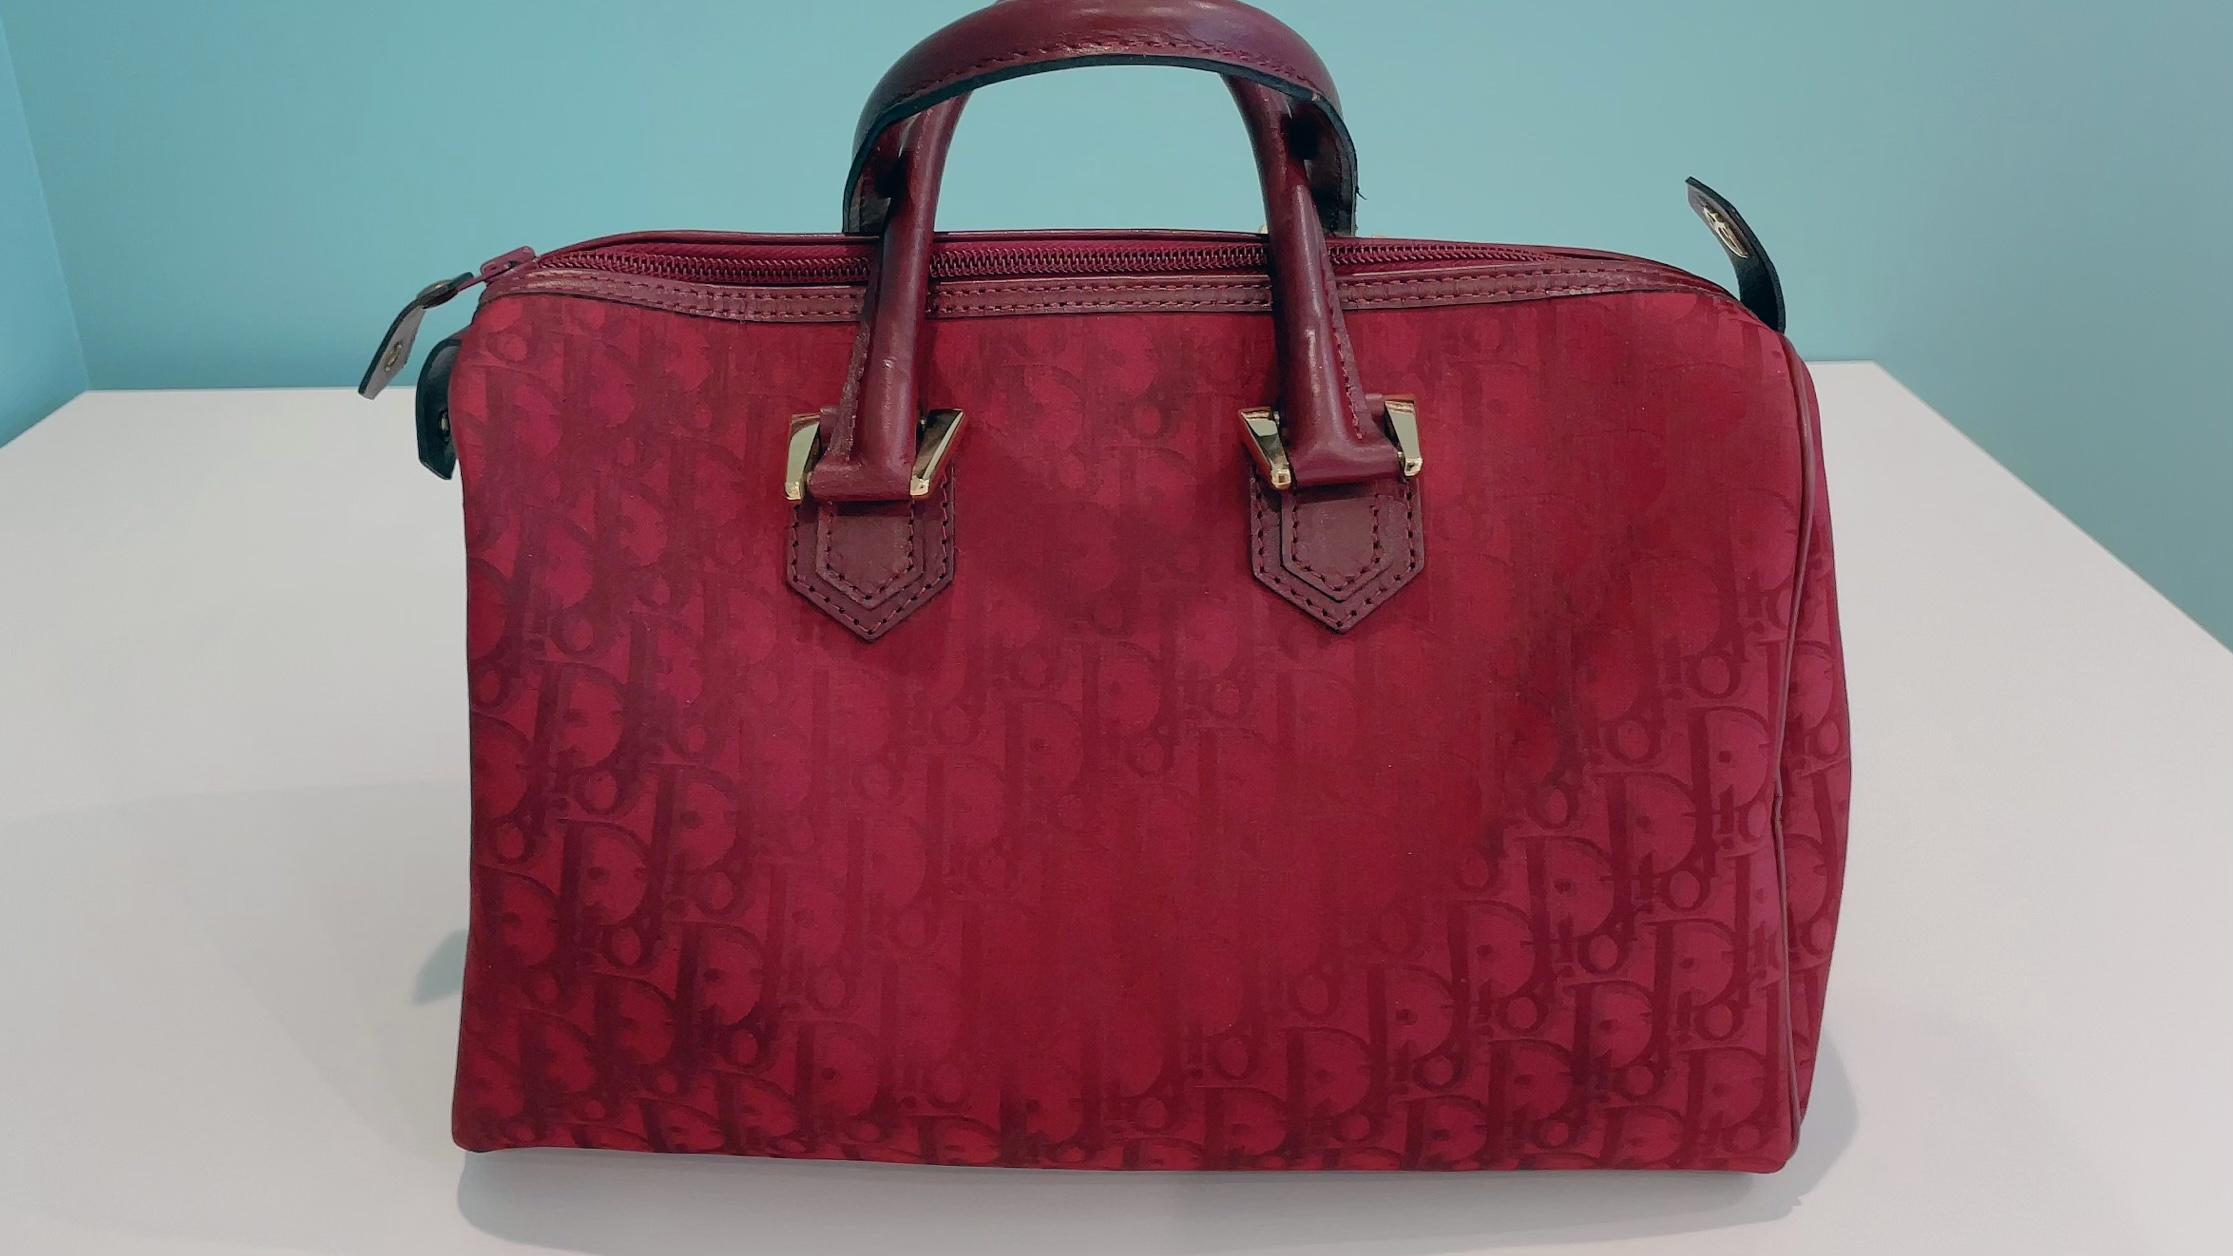 【買取速報】ブランドバッグ、Christian Dior-2021-06-24